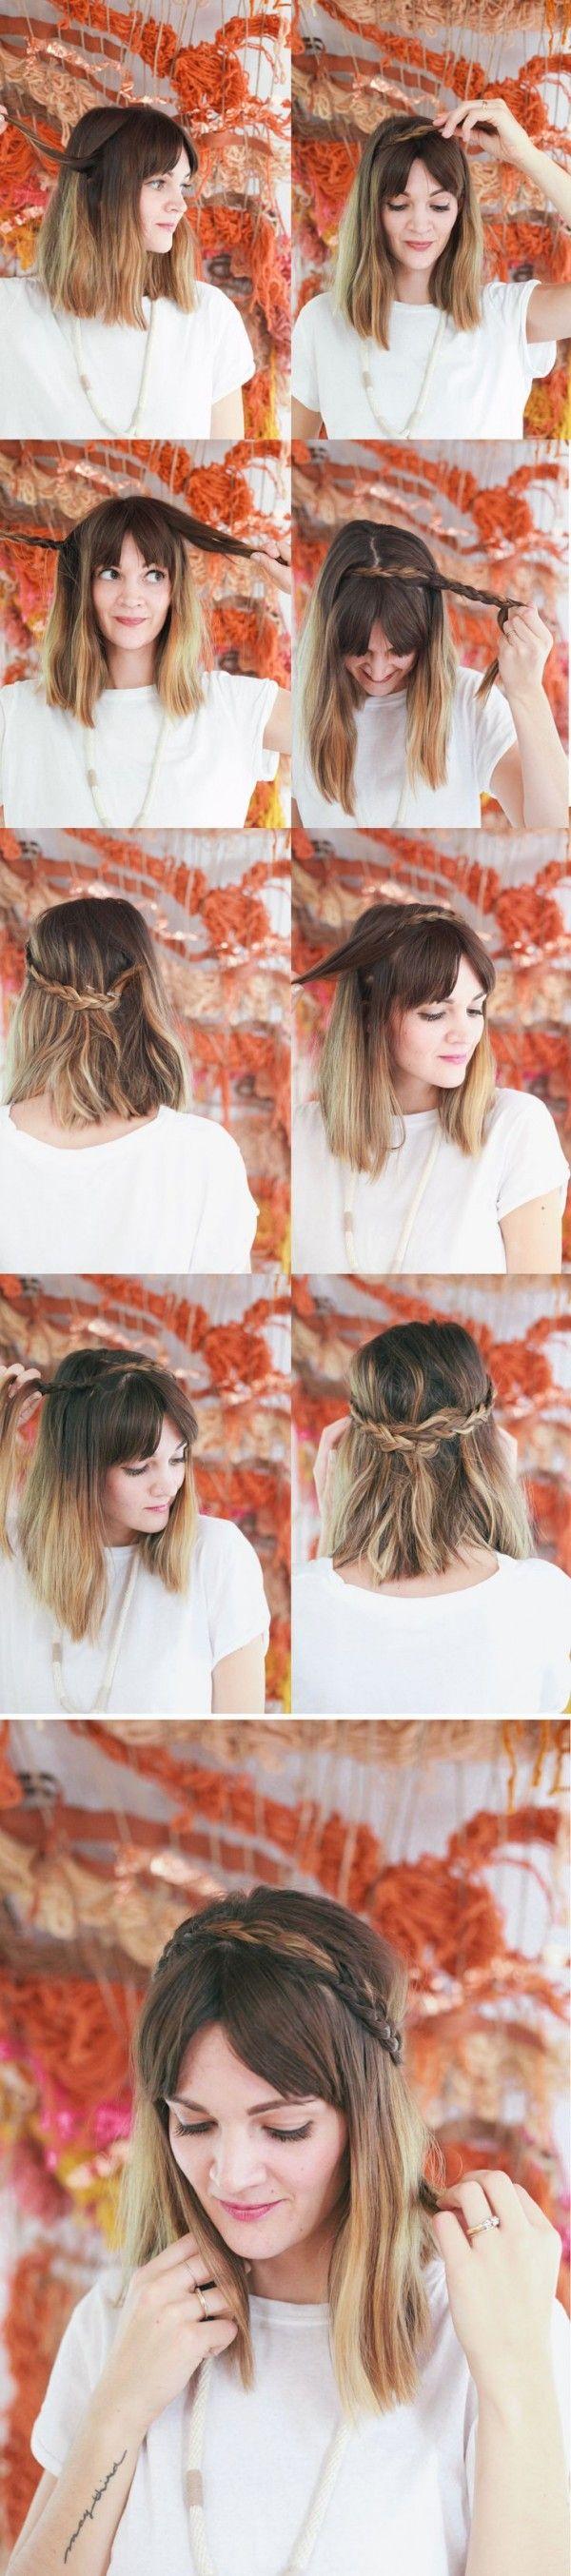 10 Tipos de trenzas para chicas con cabello cortito   Pinterest   Hair style, Short hair and Hair cuts